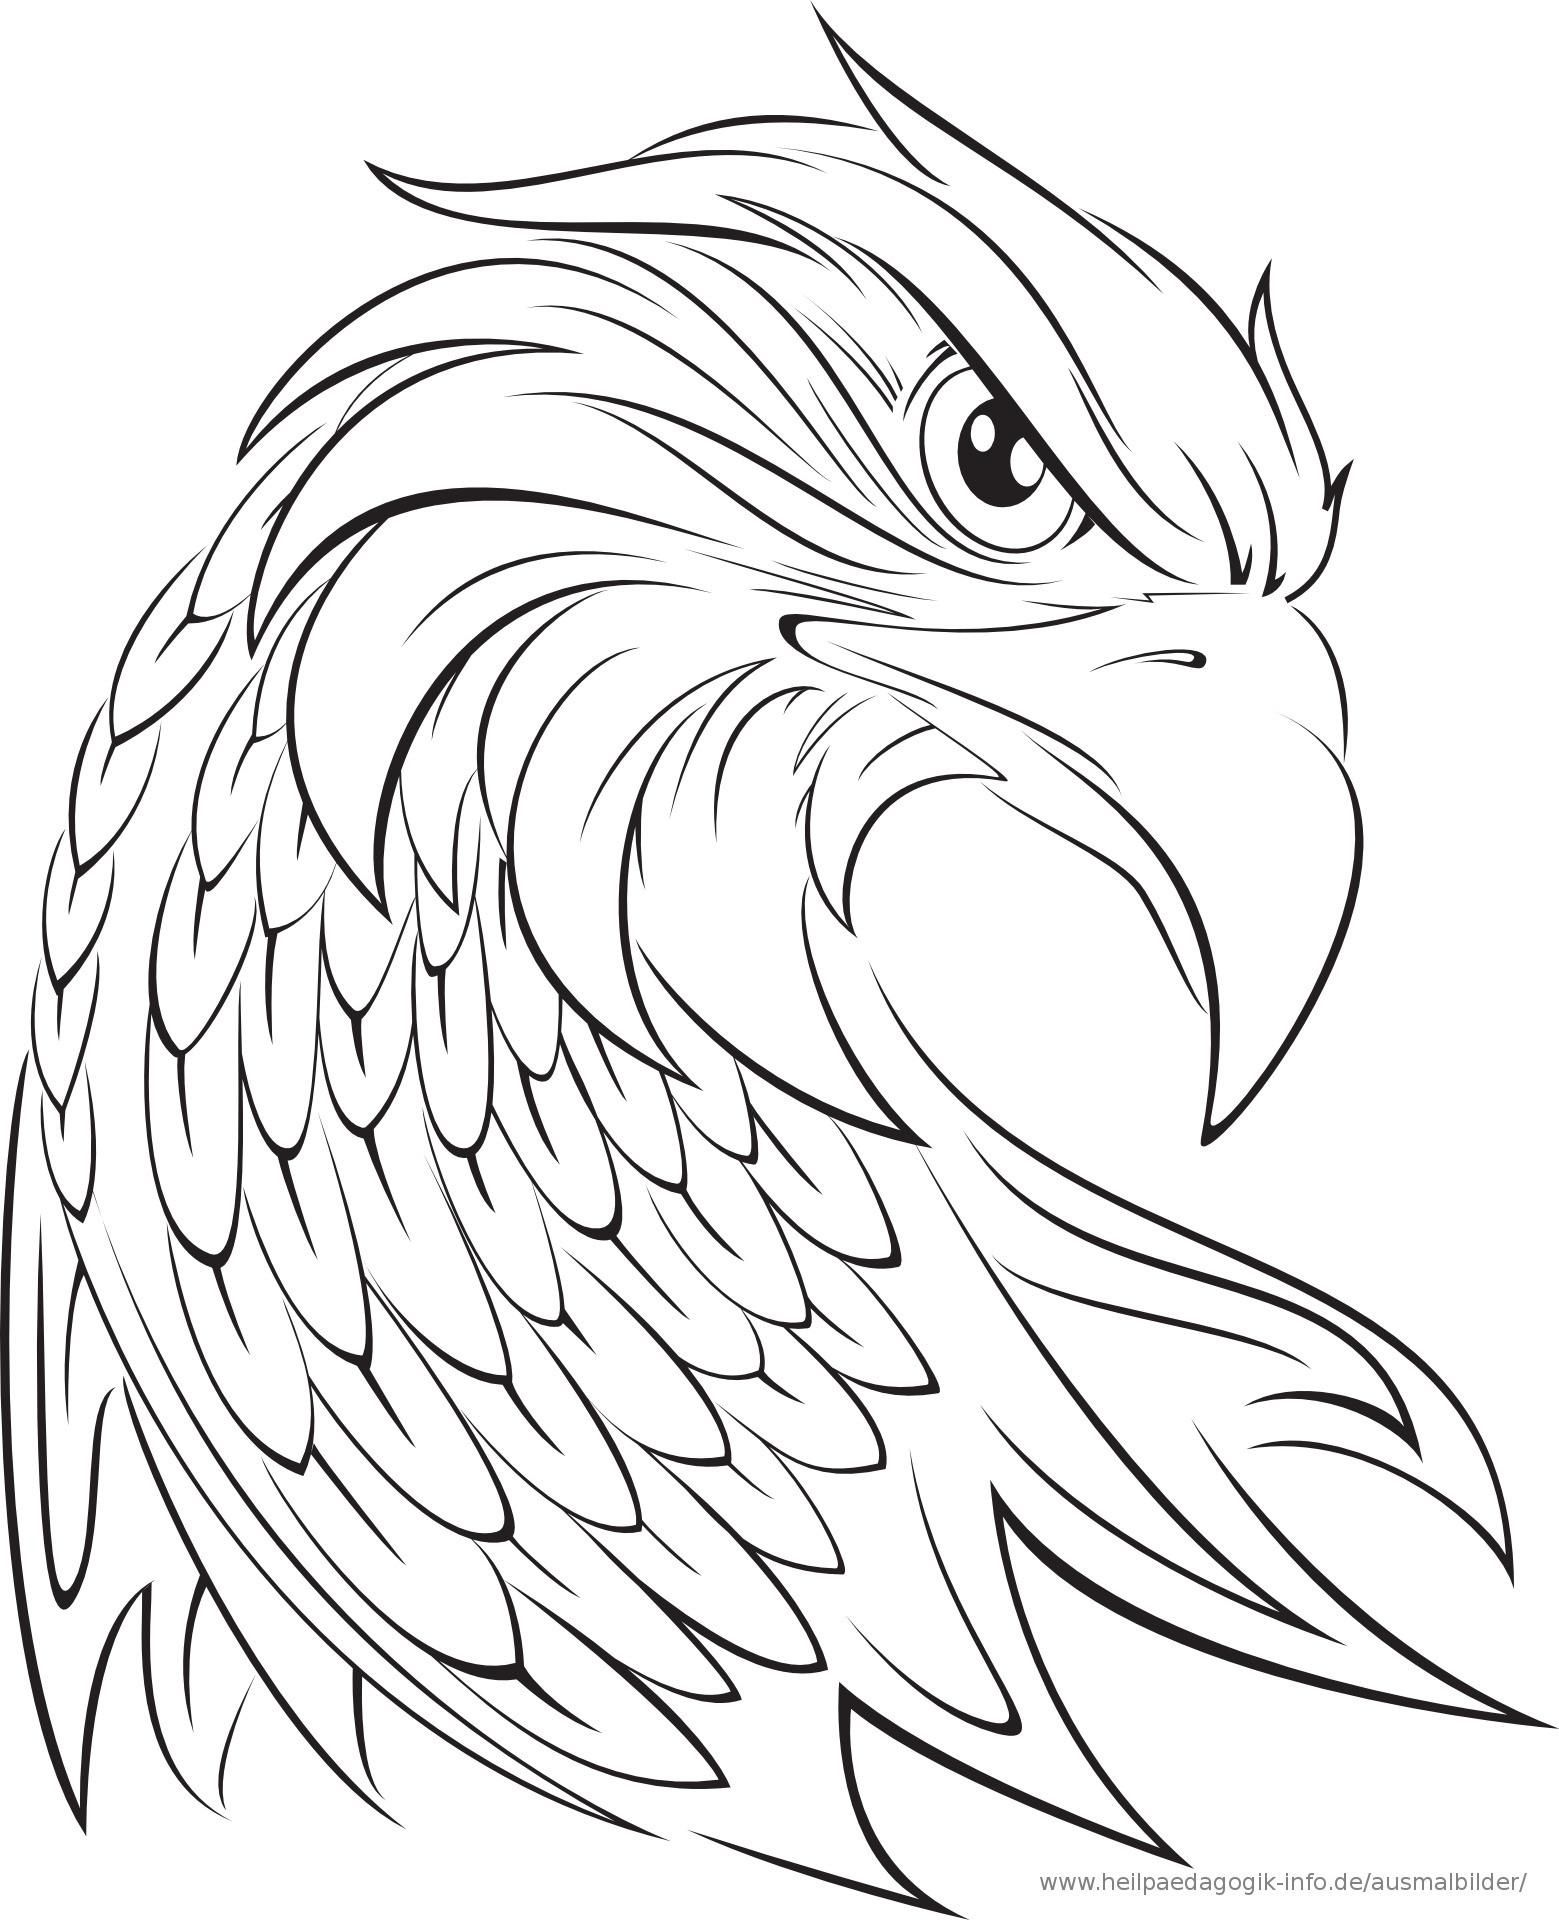 Adler Zeichnungen Zum Ausmalen Einzigartig Adler Ausmalbilder Für Kinder Gratis Einzigartig Ausmalbilder Adler Galerie